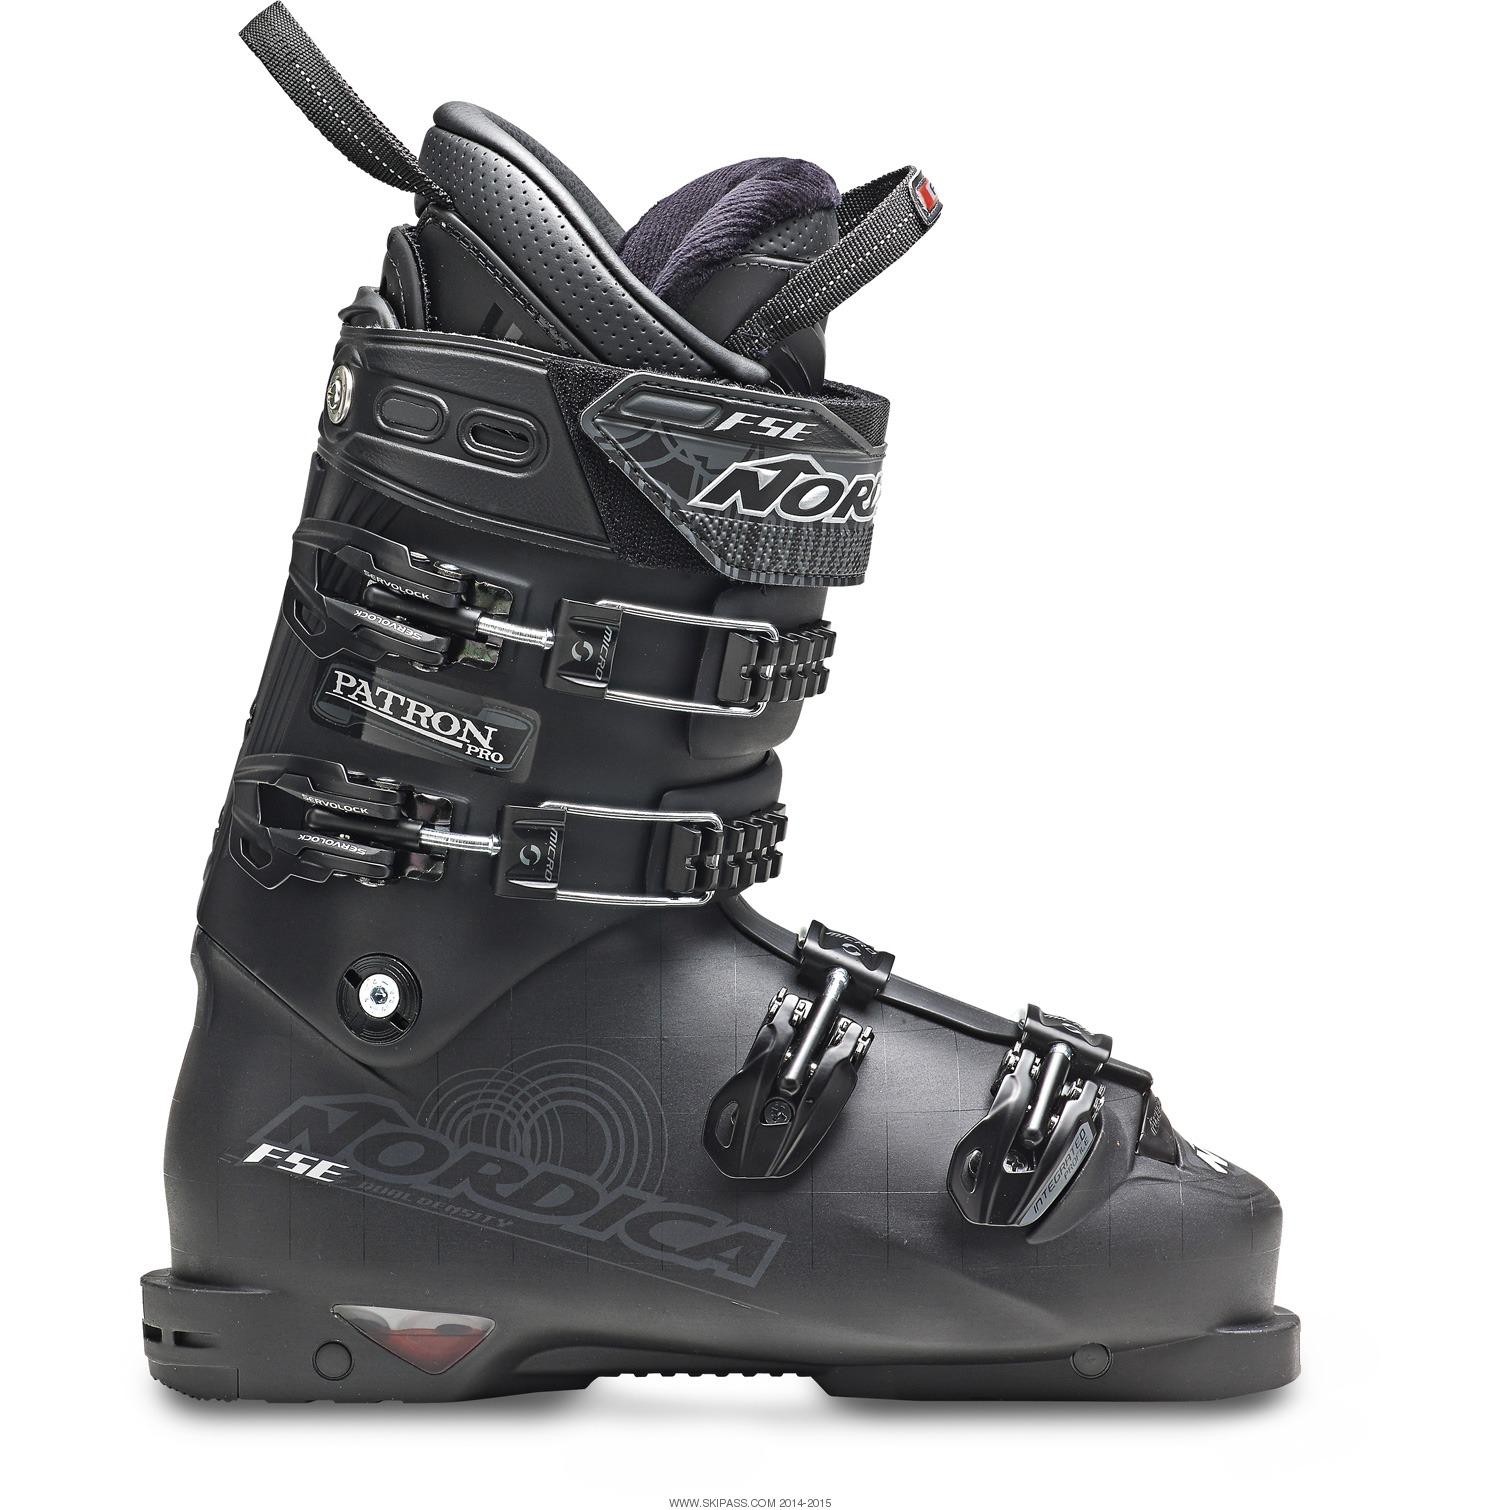 acheter et vendre authentique chaussure de ski chauffante baskets emploi. Black Bedroom Furniture Sets. Home Design Ideas